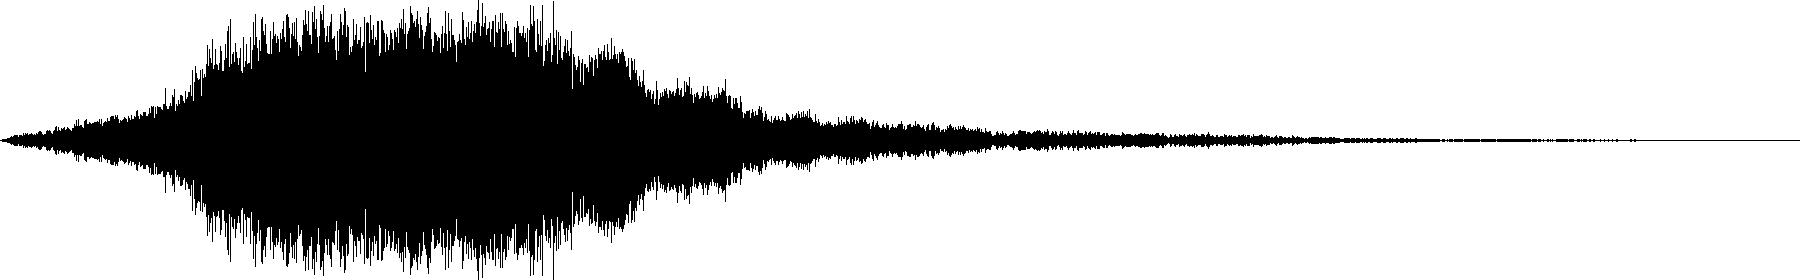 vfx1 atmos 32